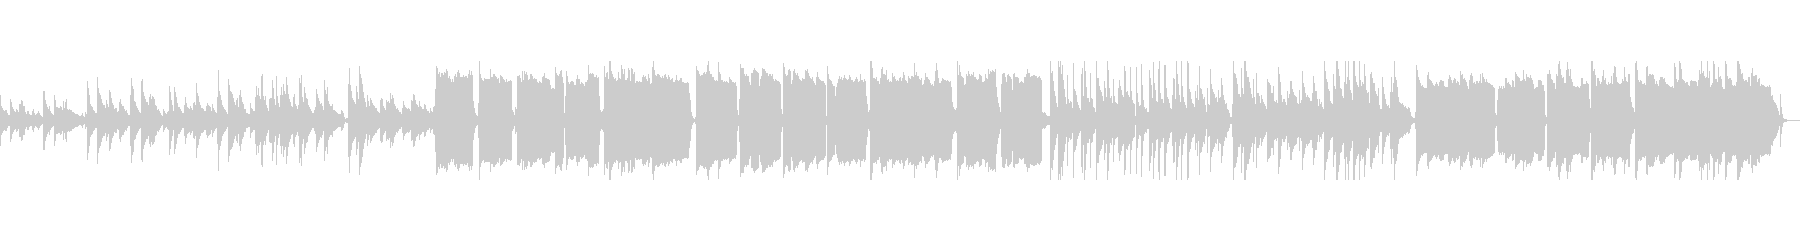 ★夕焼けをイメージしたトランペットBGMの未再生の波形